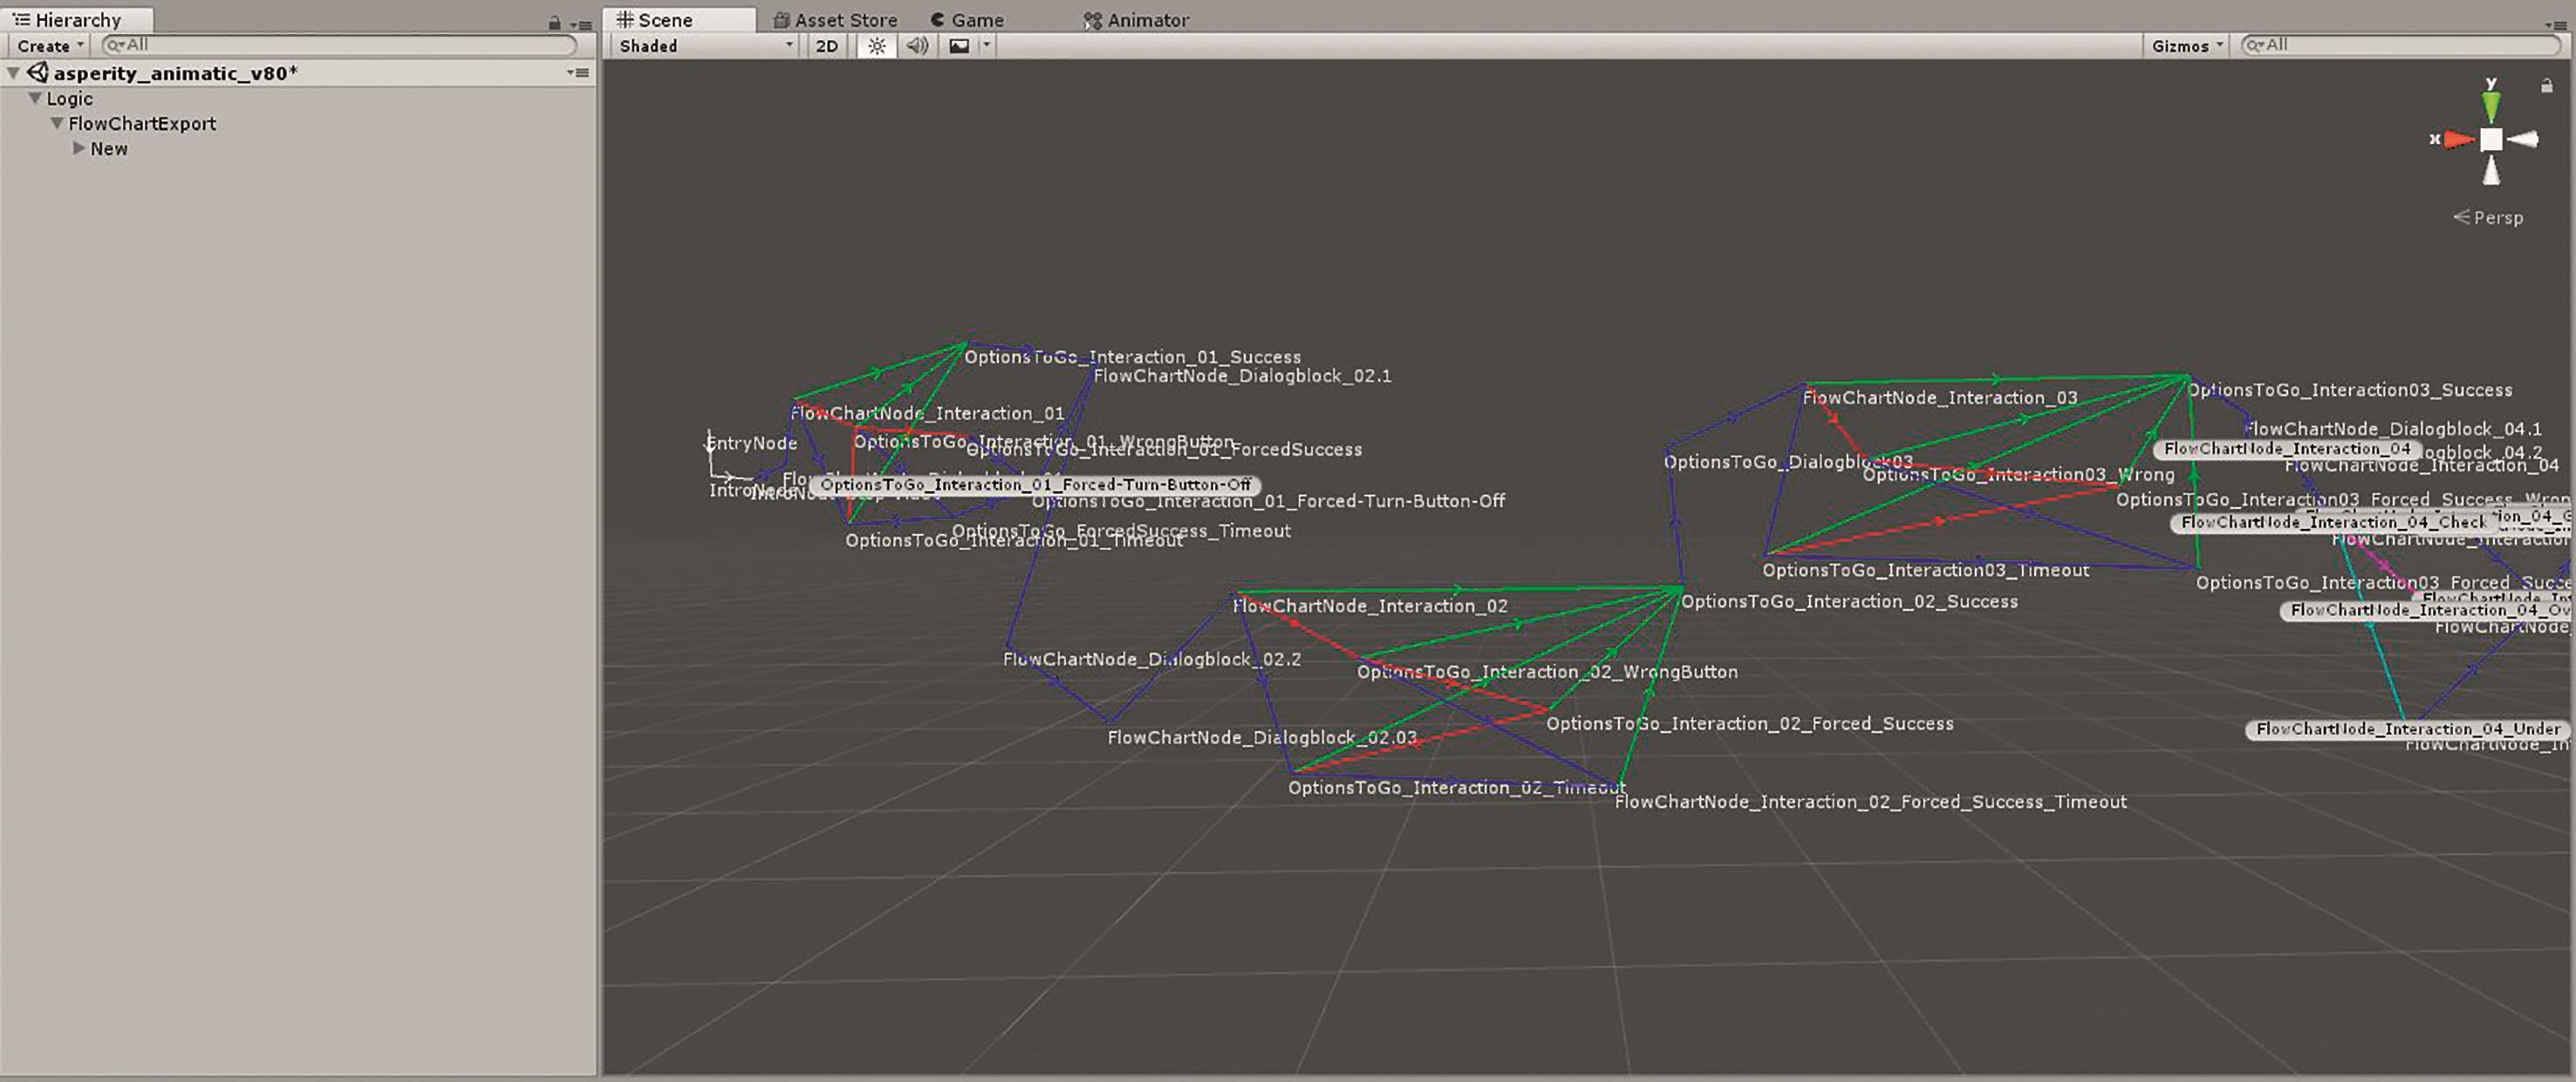 Übersicht zu den Interaktionsmöglichkeiten im selbst programmierten Flow Chart